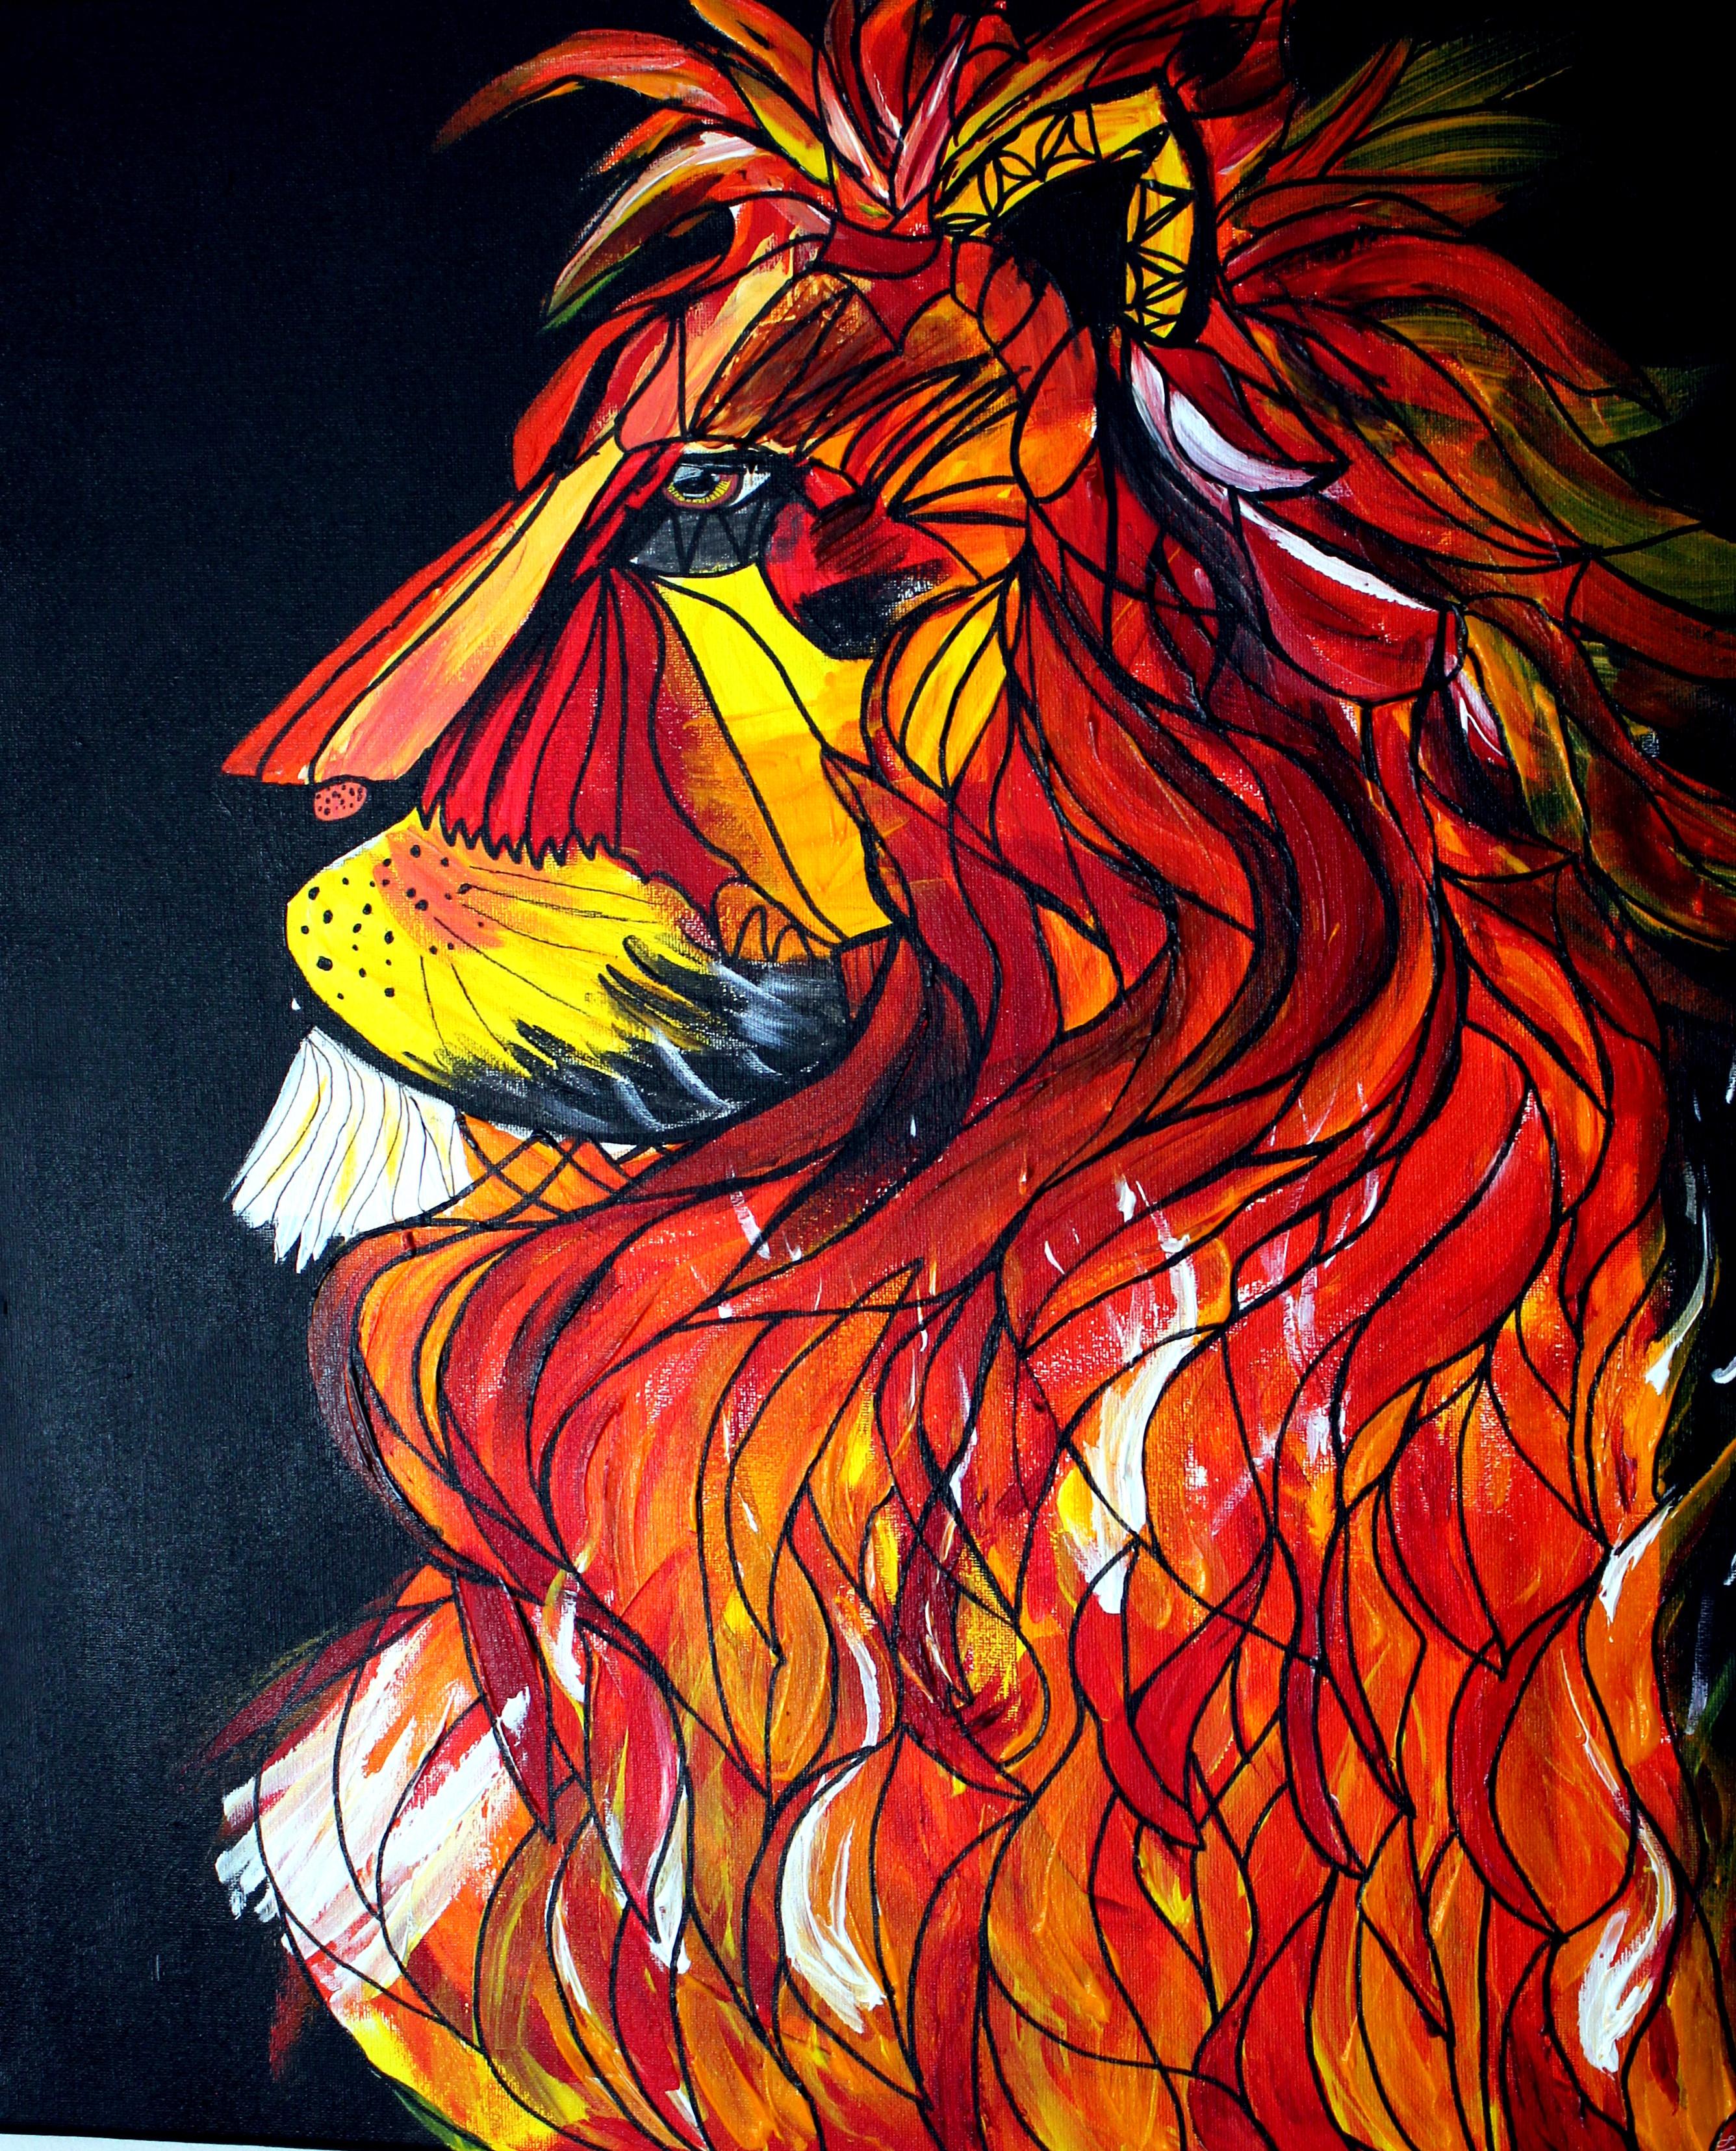 The Burning Lion